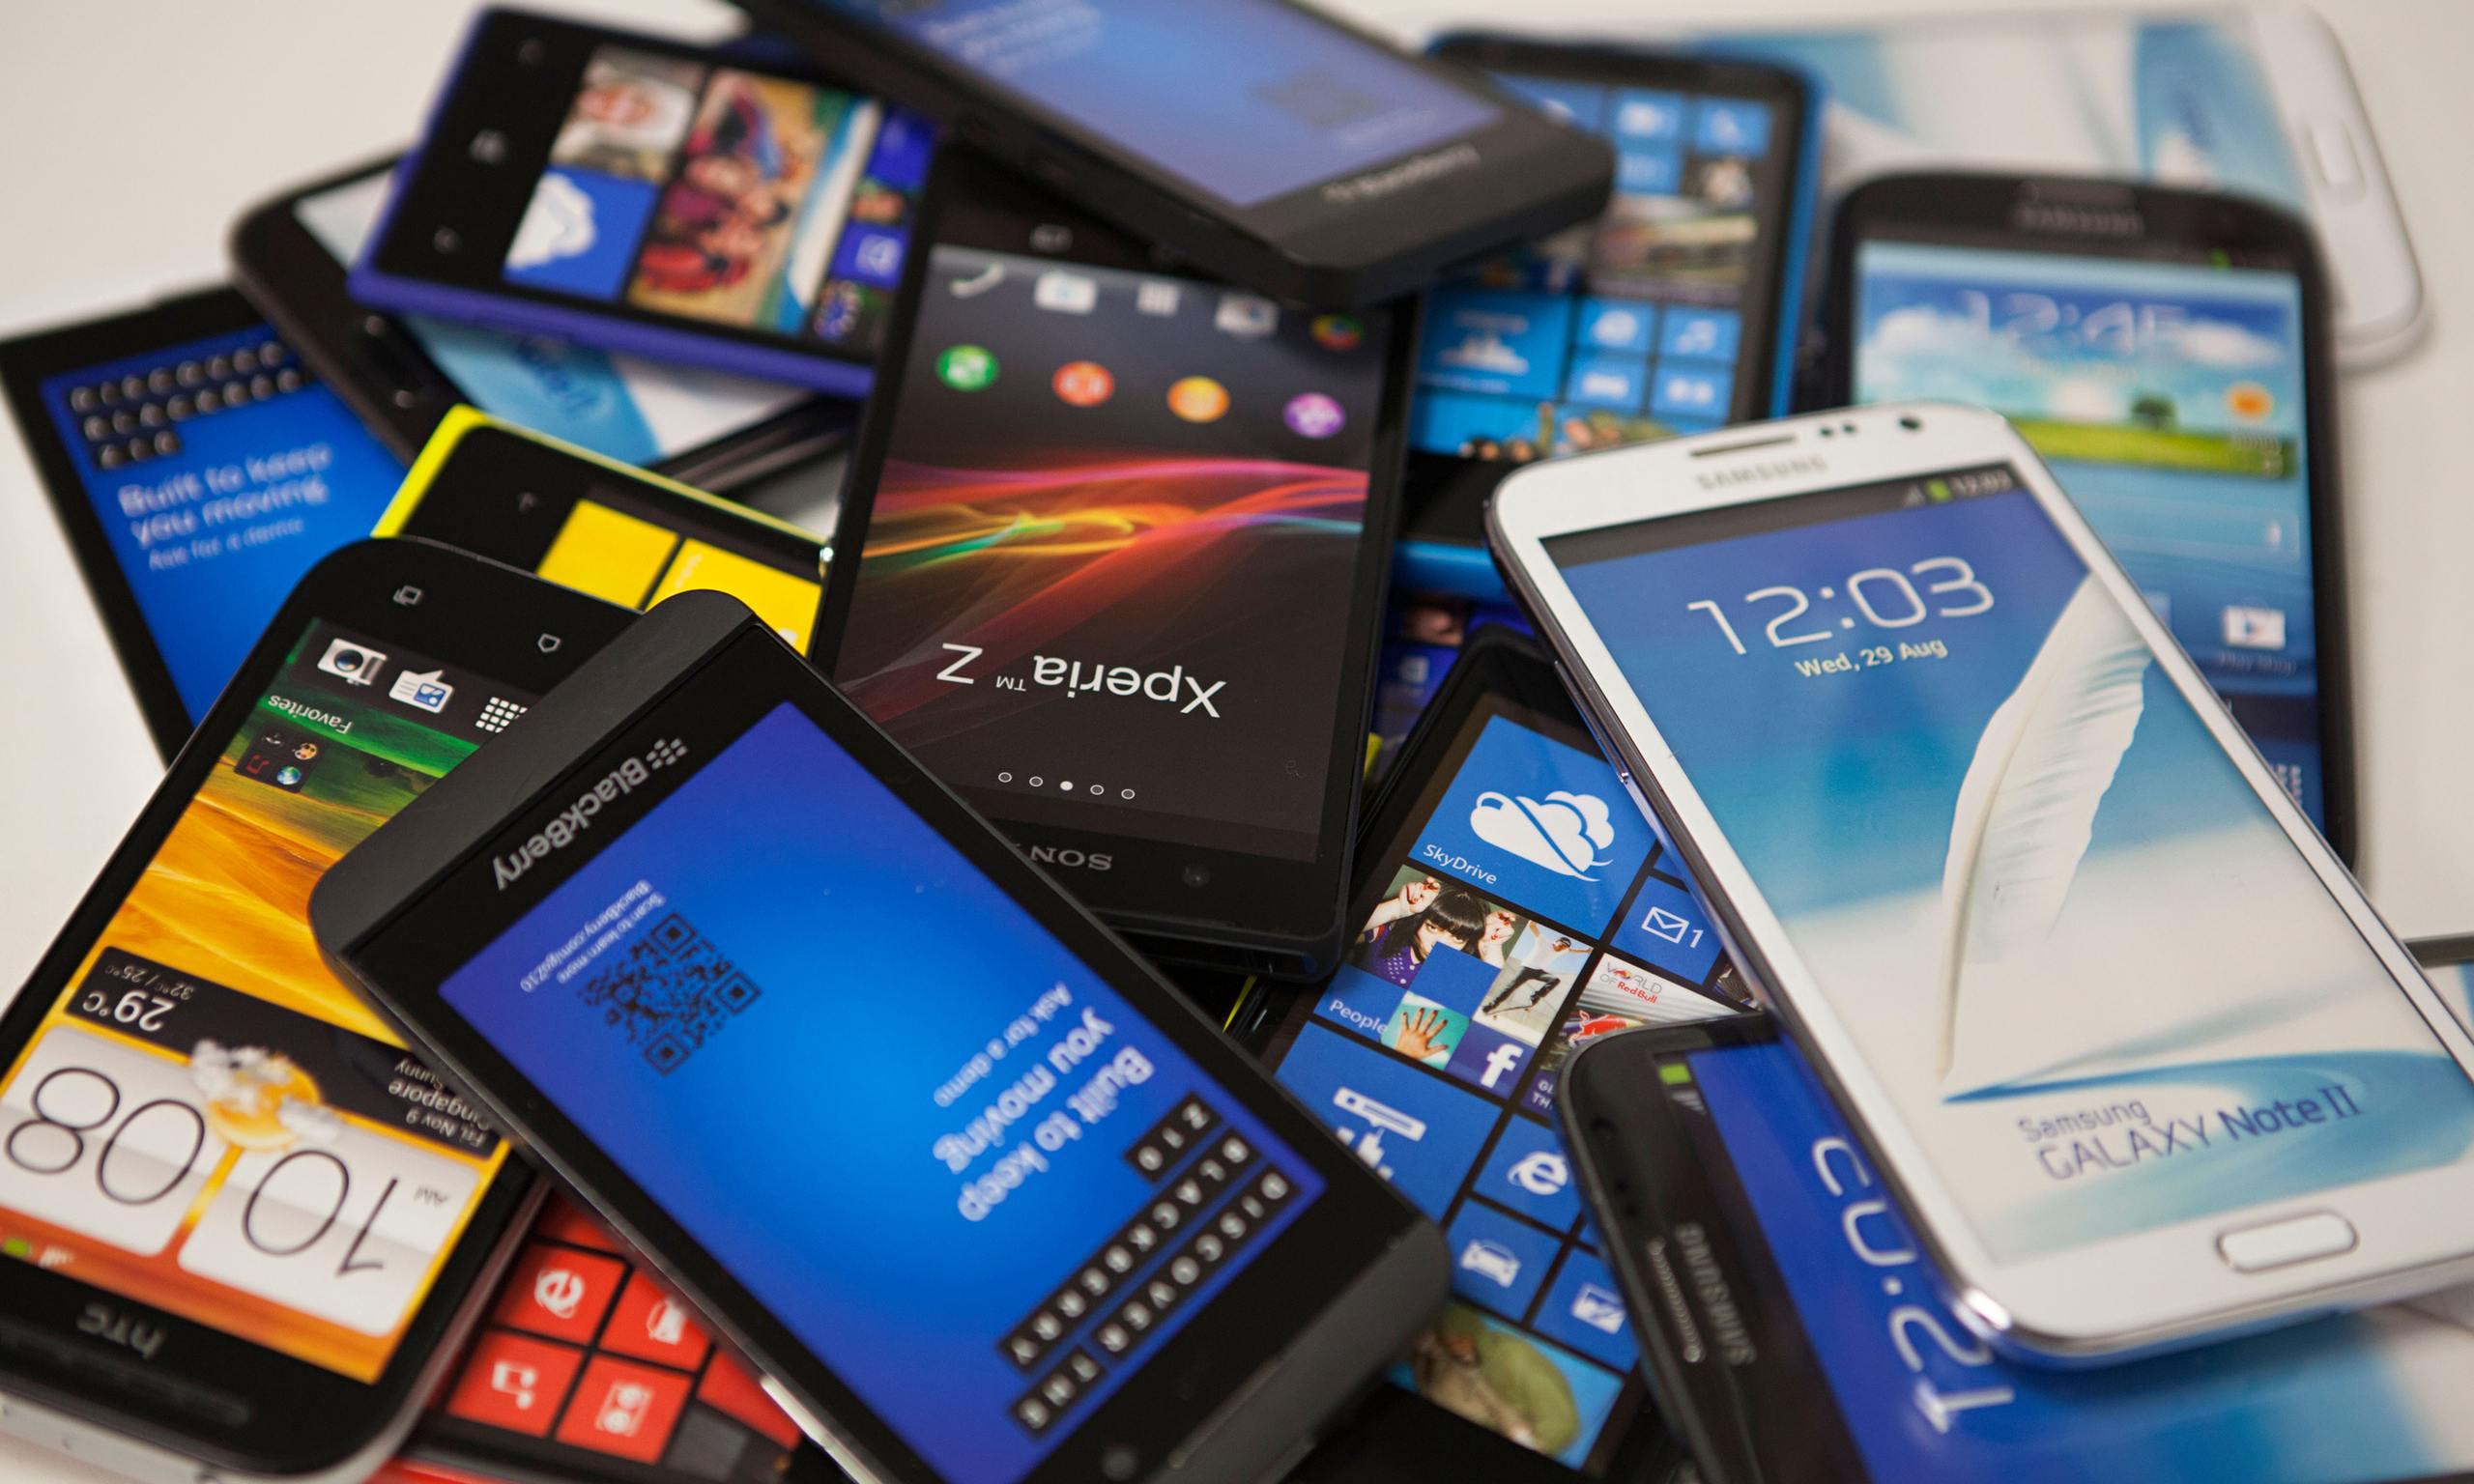 Nel Mondo sono stati venduti 1,3 miliardi di smartphone nel 2014